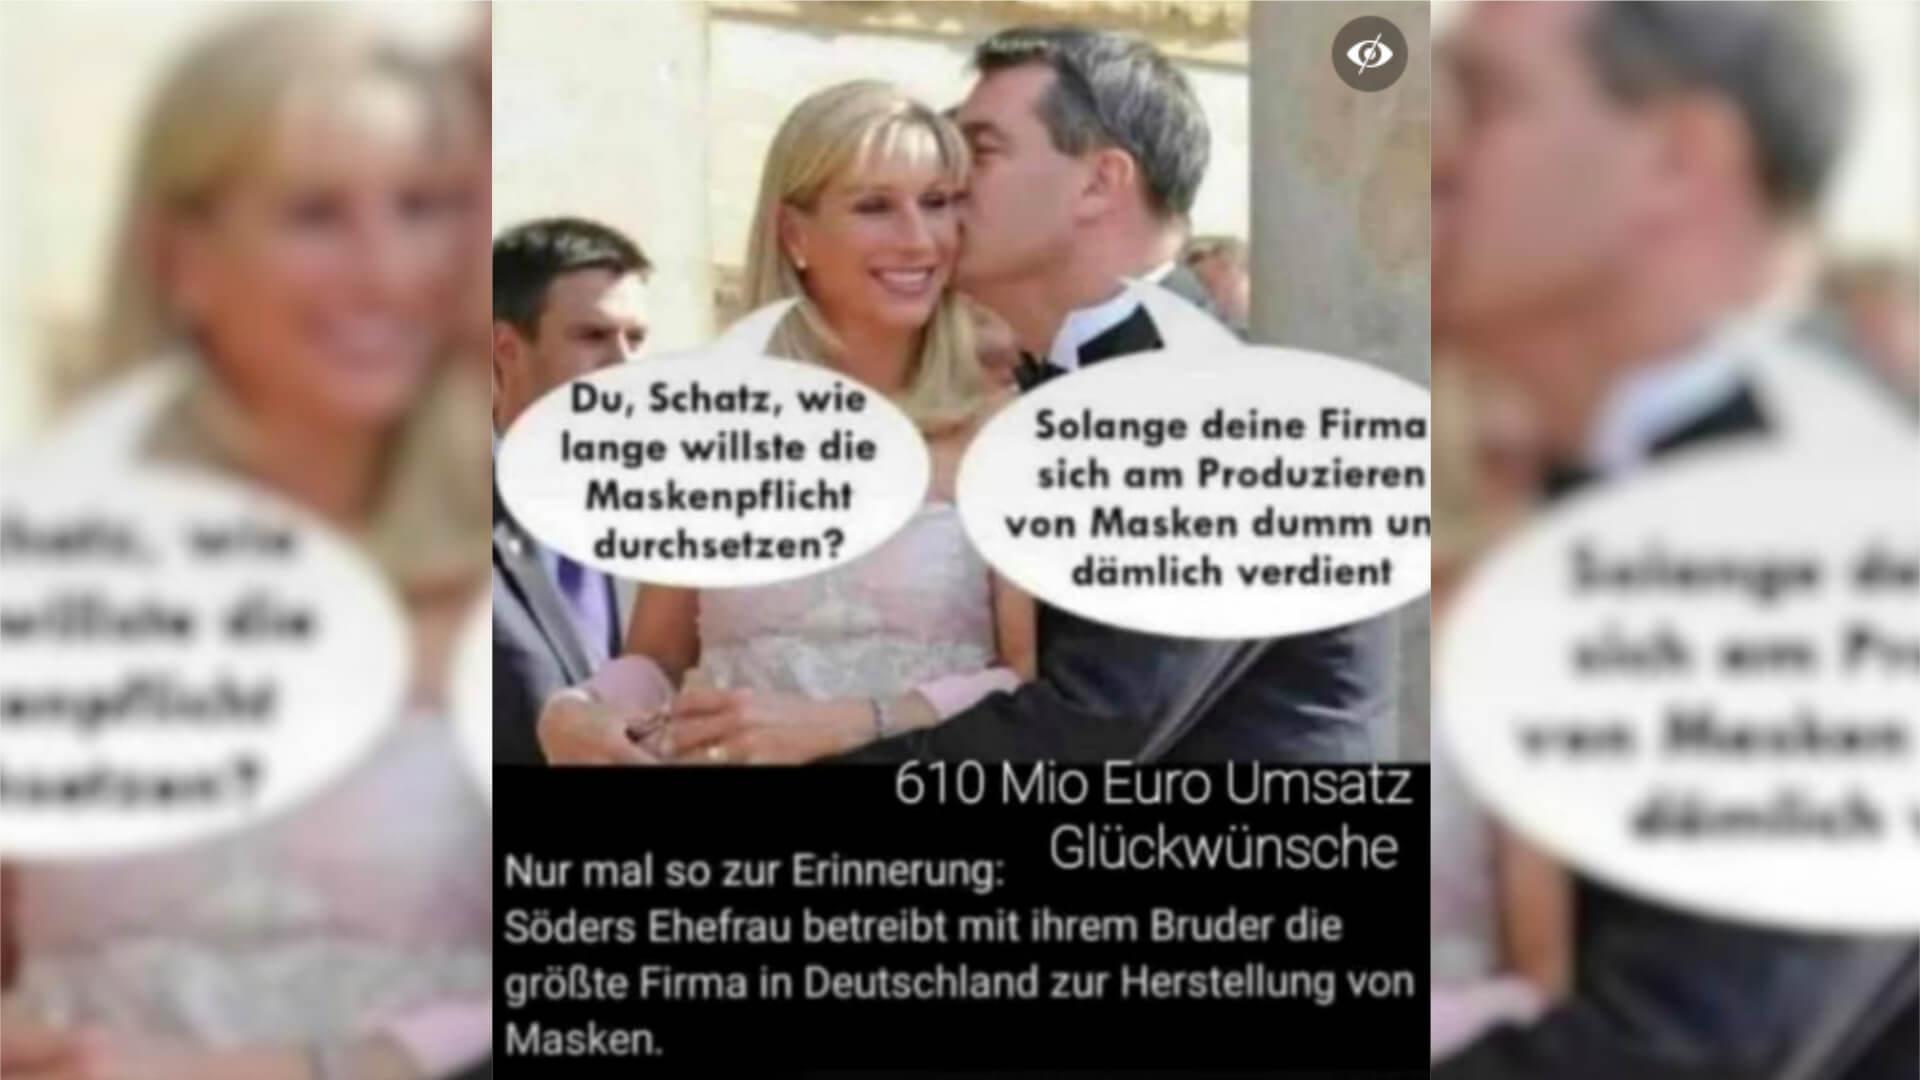 Nein, die Firma von Karin Baumüller-Söder stellt keine Masken her